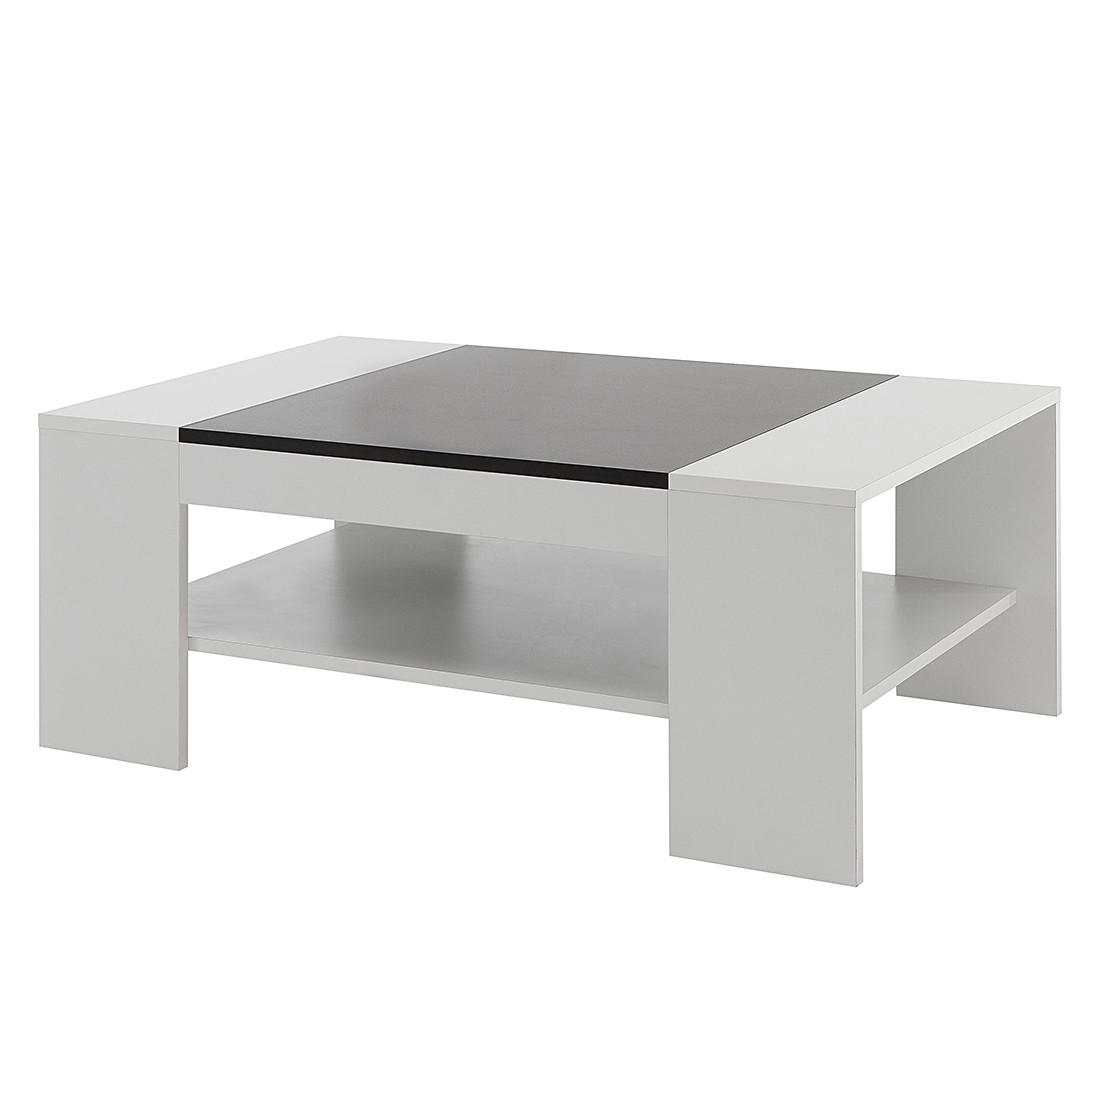 couchtische wei schwarz preis vergleich 2016. Black Bedroom Furniture Sets. Home Design Ideas